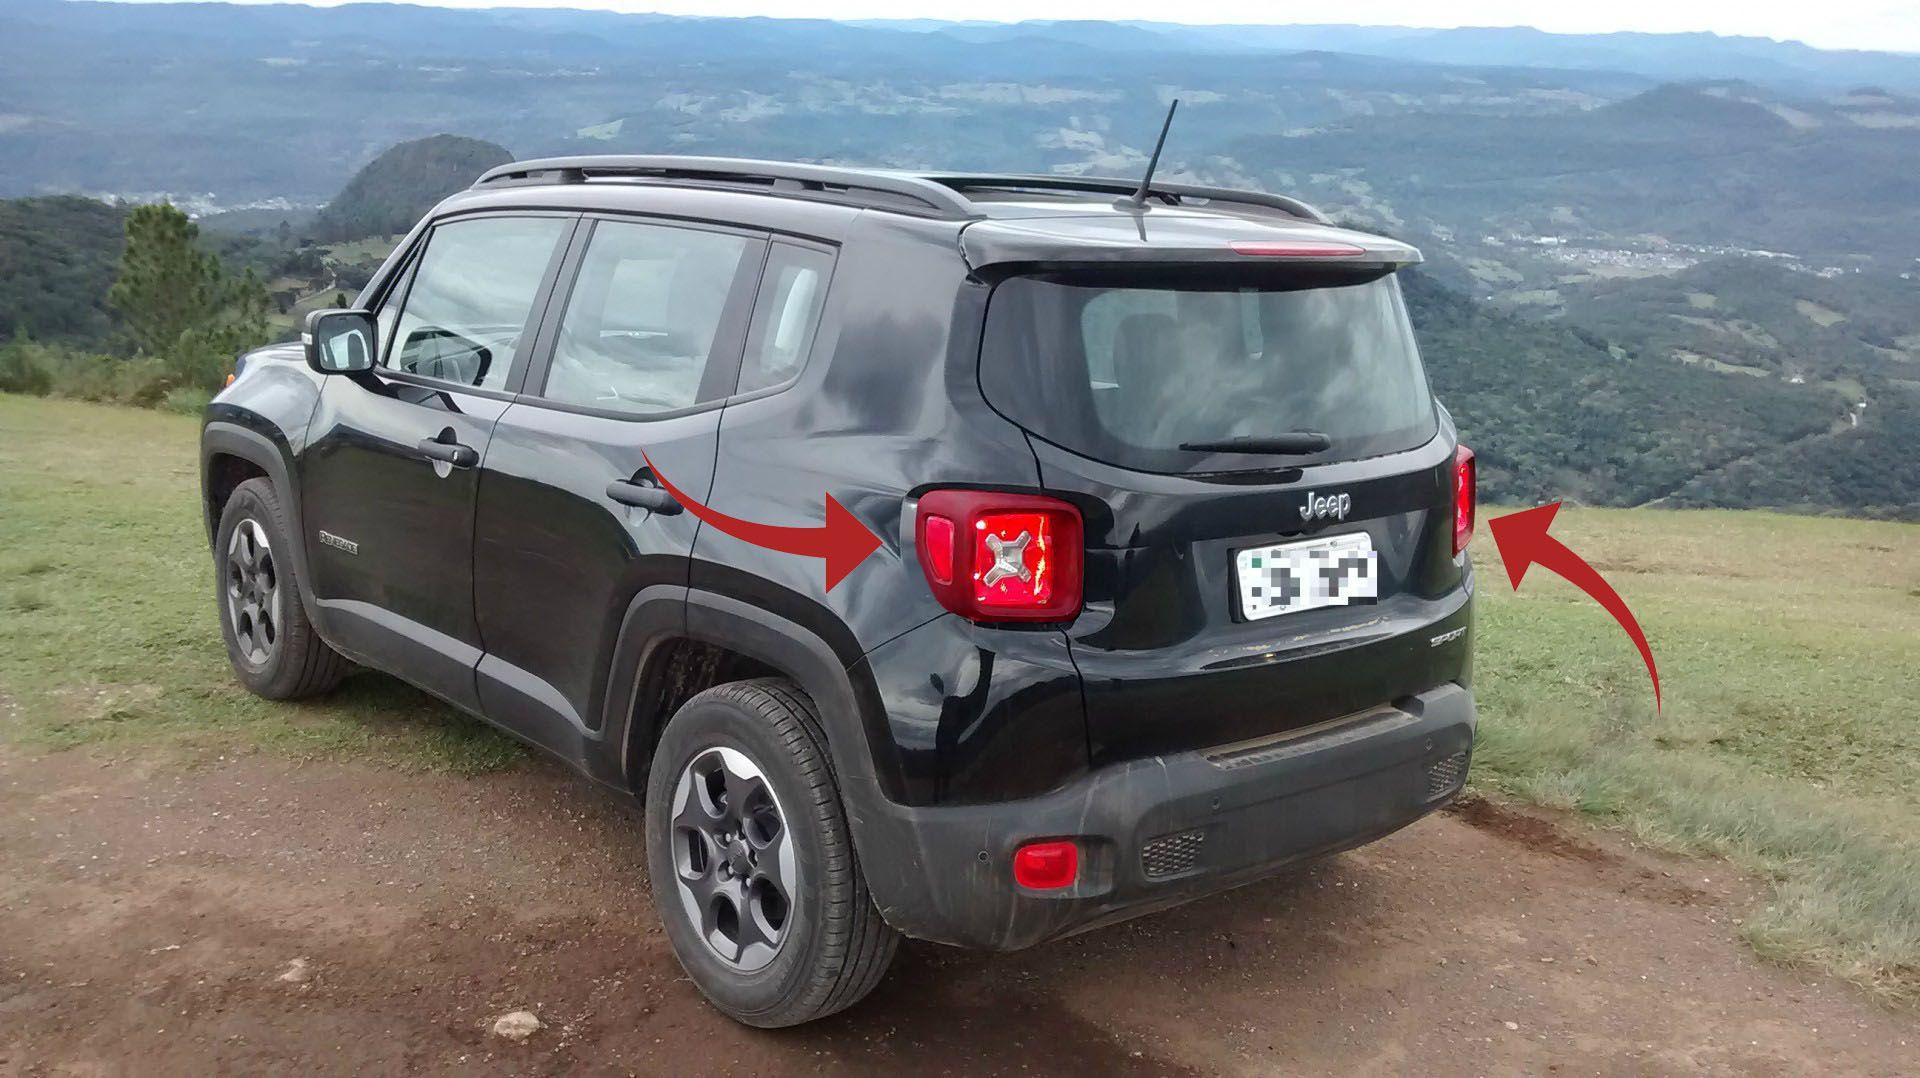 Aplique Vermelho Lanterna Traseira Jeep Renegade  - Só Frisos Ltda